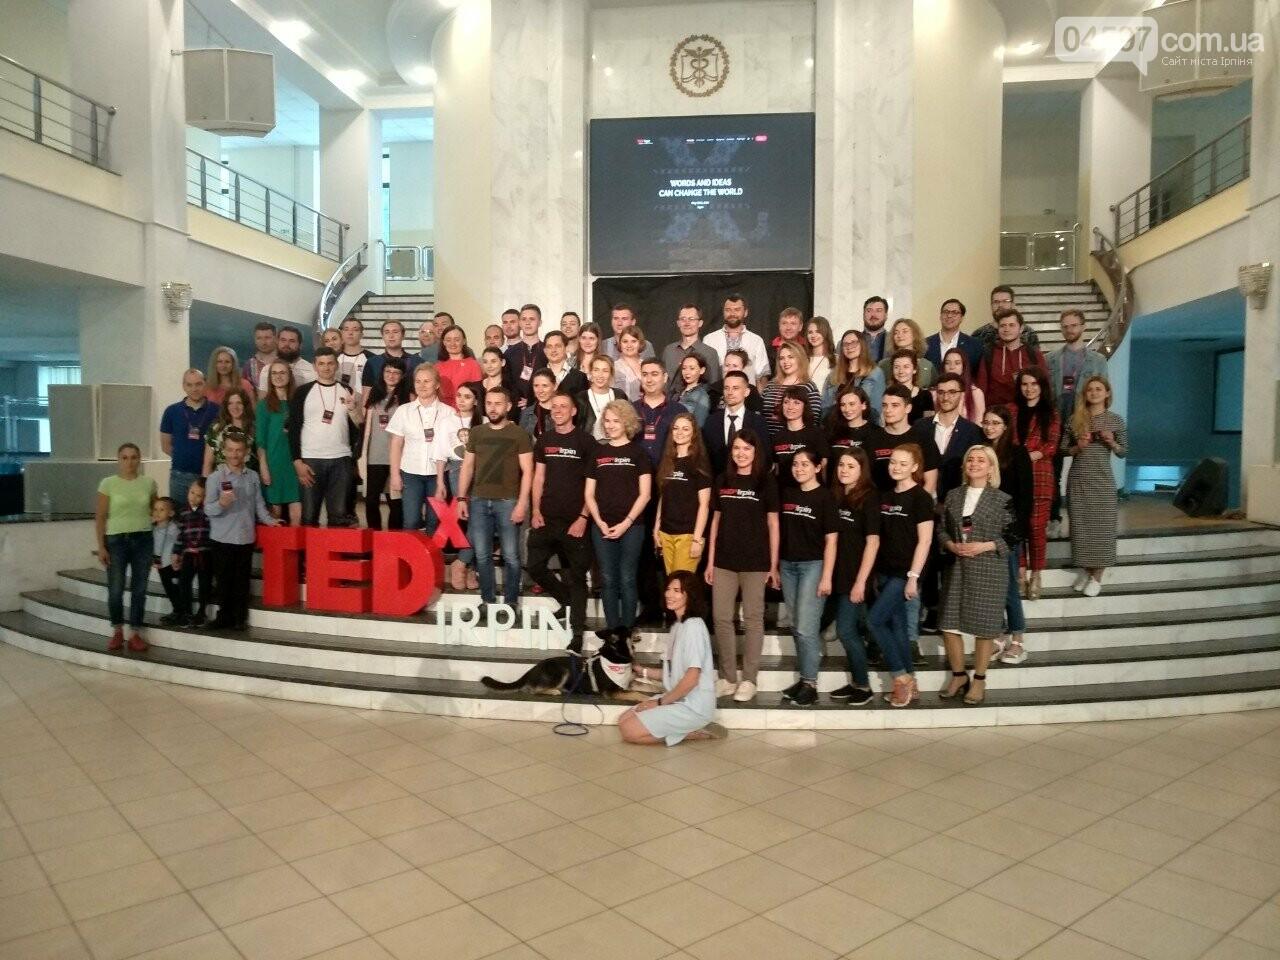 TEDx в Ірпені: чим дивувала міжнародна конференція, фото-10